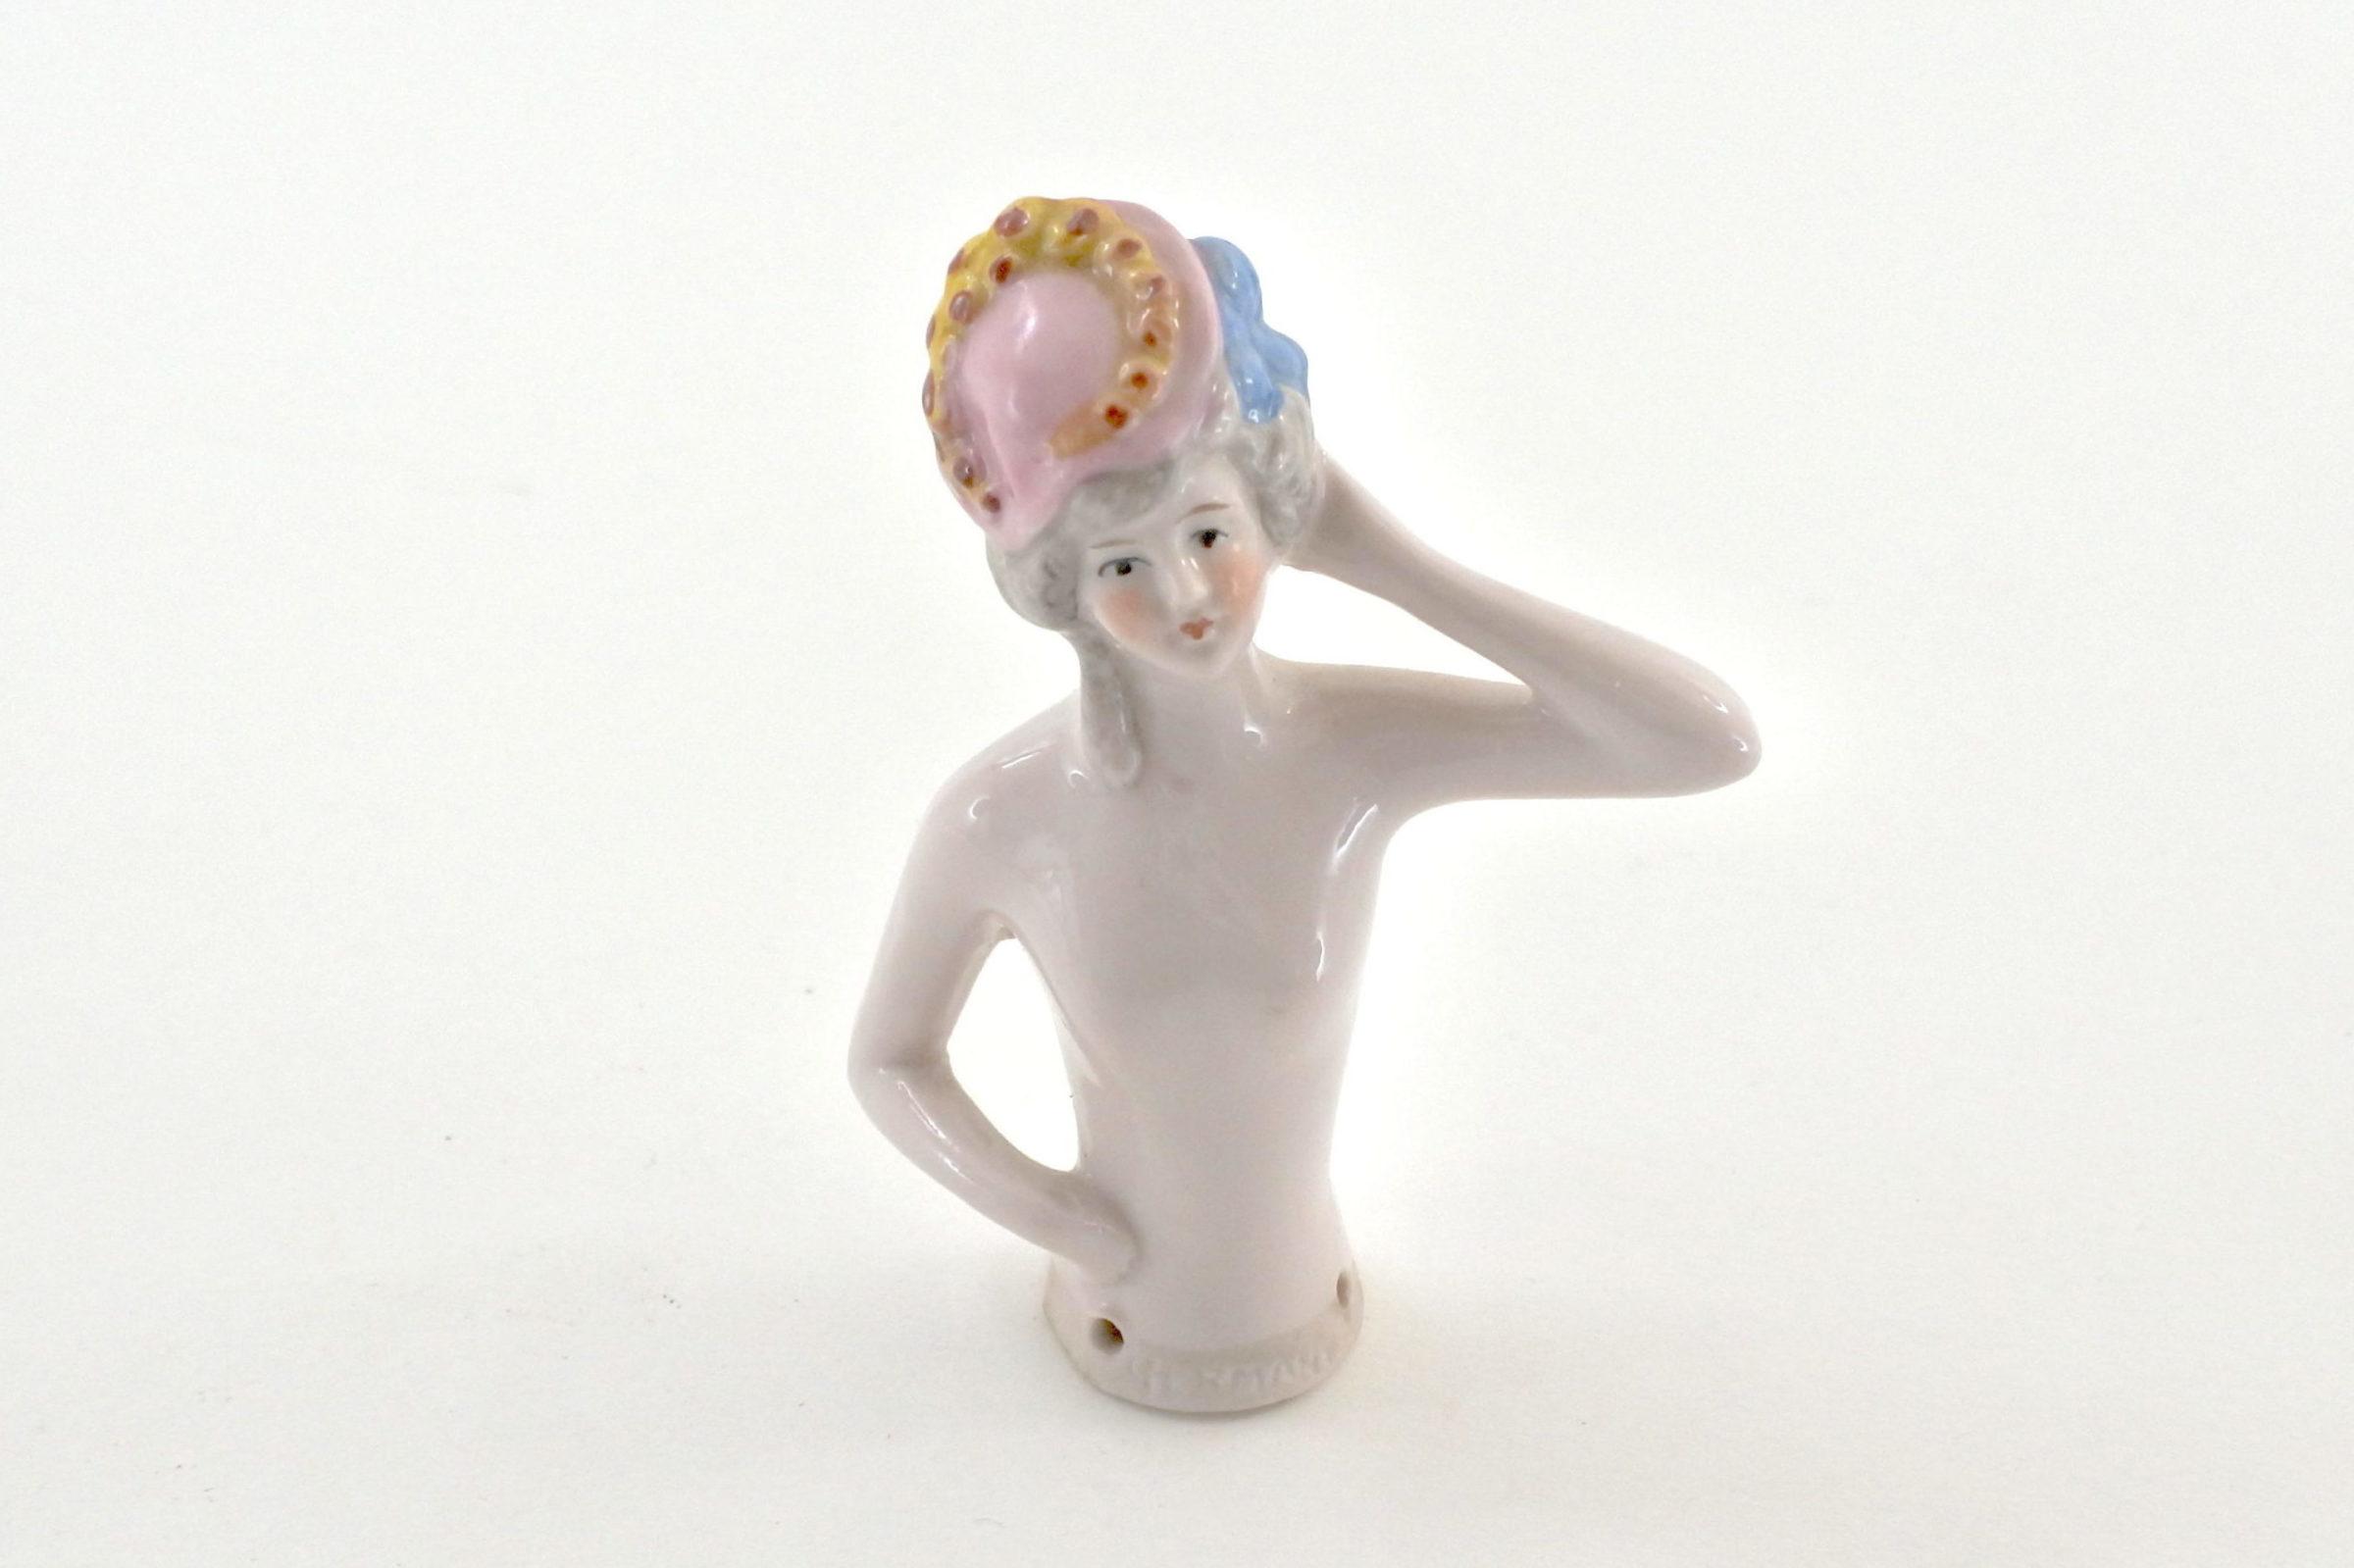 Statuina in ceramica - demi poupée con cappellino rosa